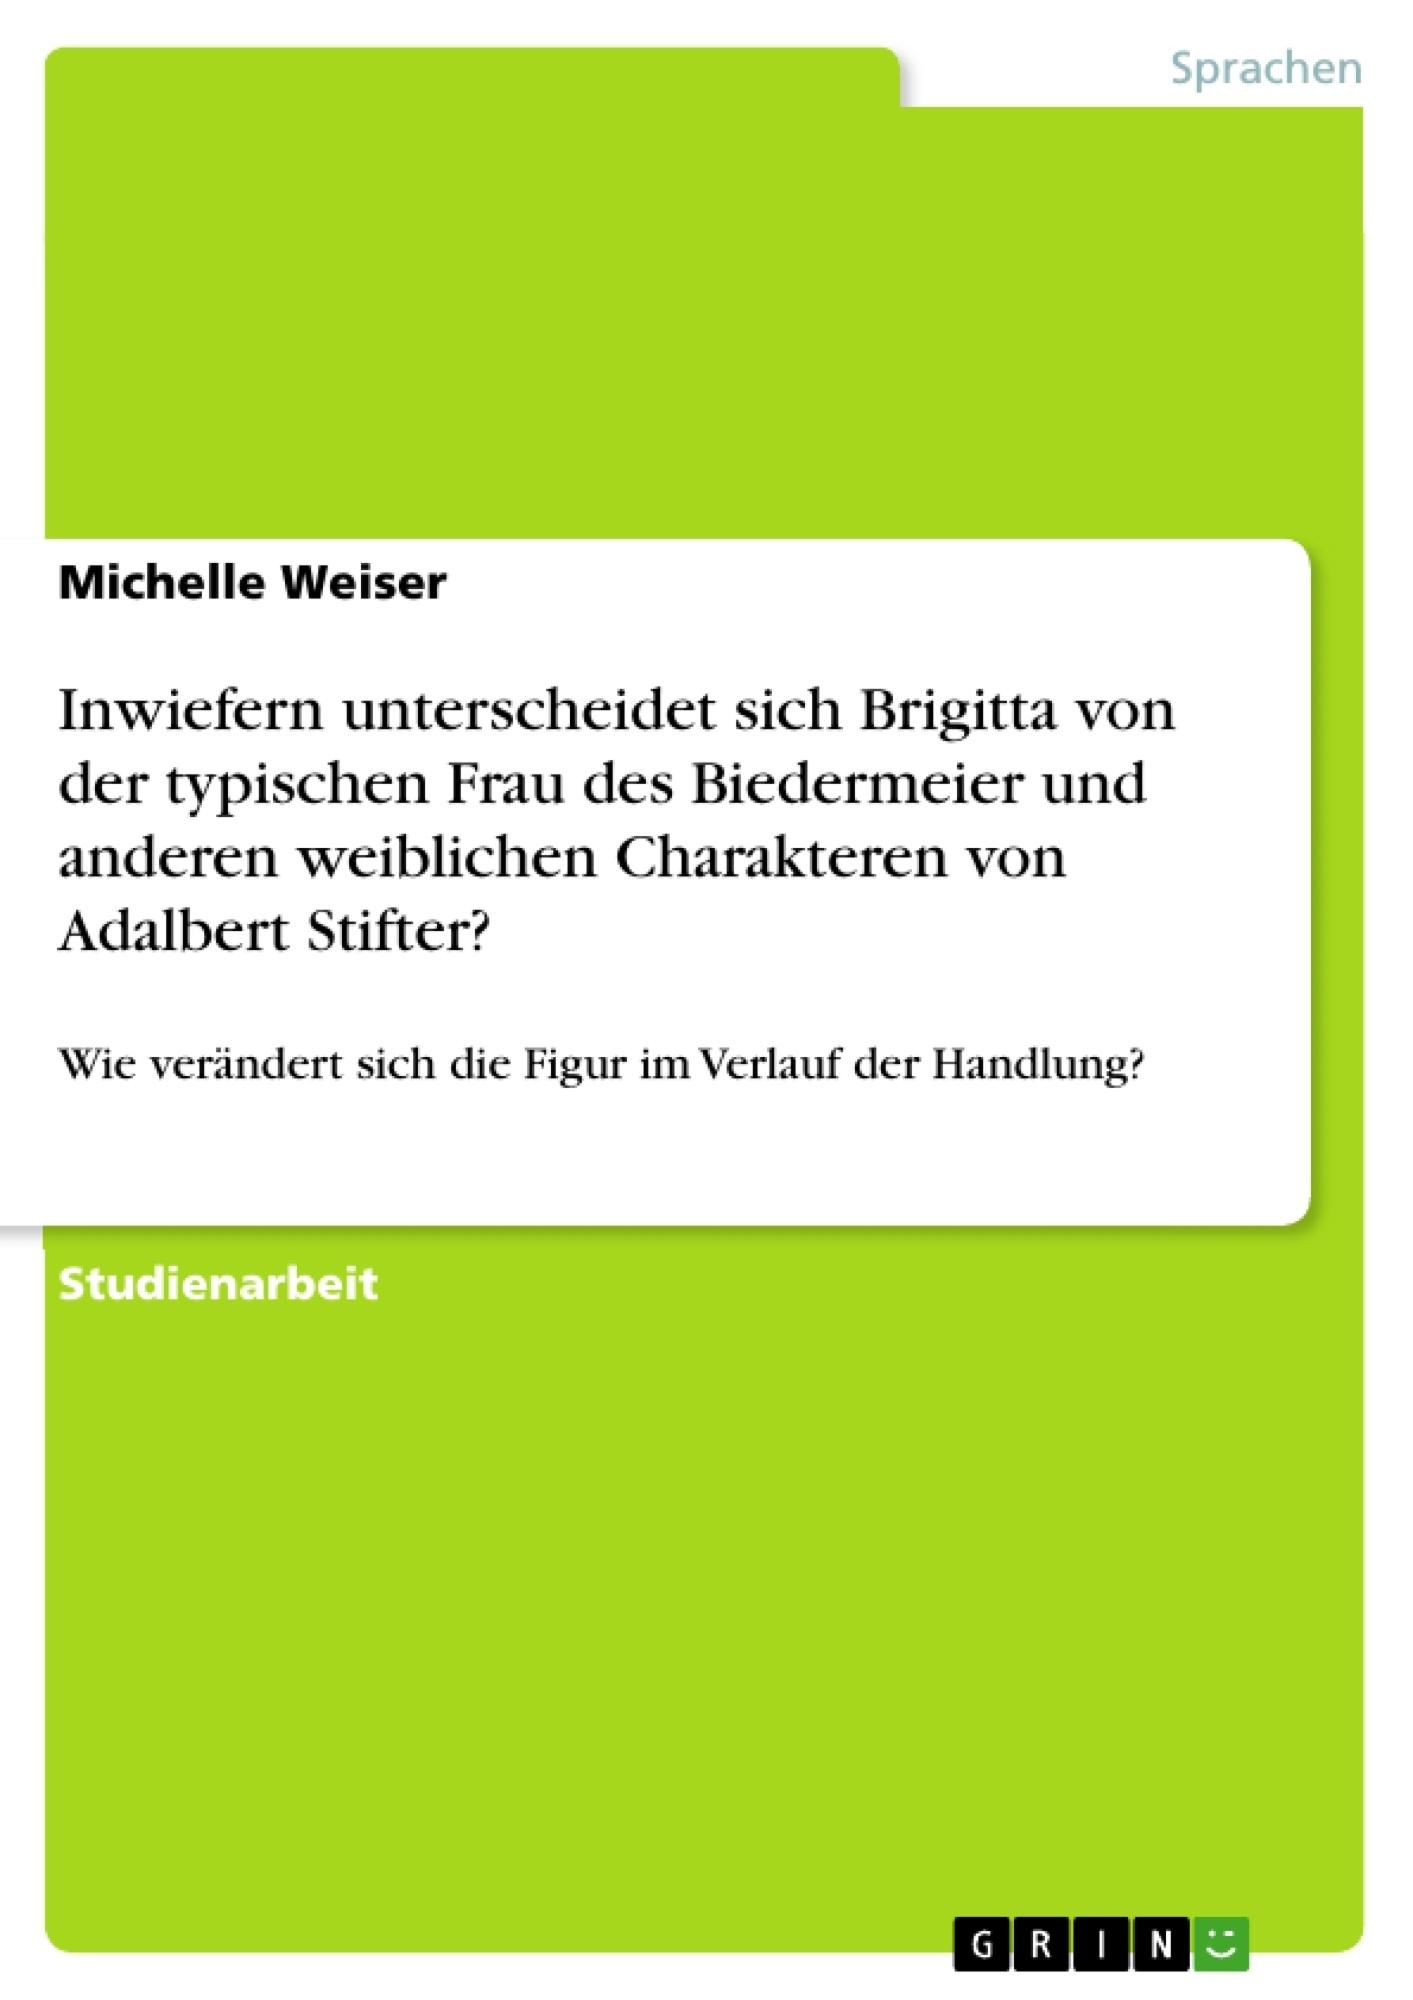 Titel: Inwiefern unterscheidet sich Brigitta von der typischen Frau des Biedermeier und anderen weiblichen Charakteren von Adalbert Stifter?